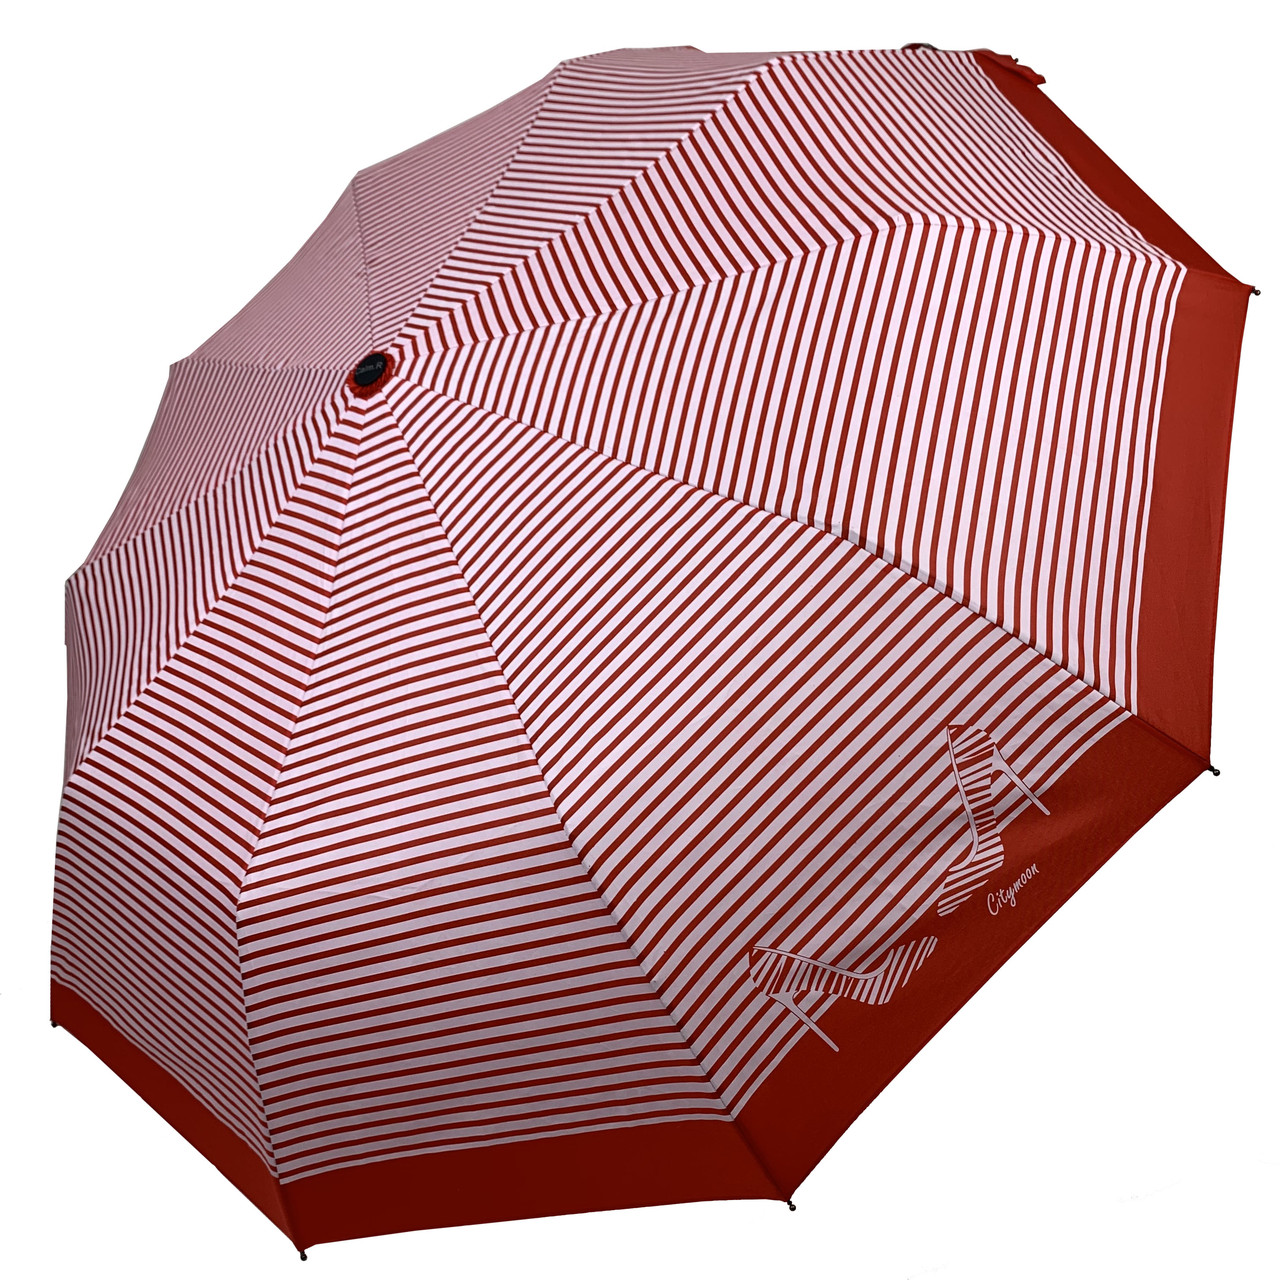 Женский зонт-полуавтомат в полоску, с принтом туфелек, Calm Rain, красный, 220-4